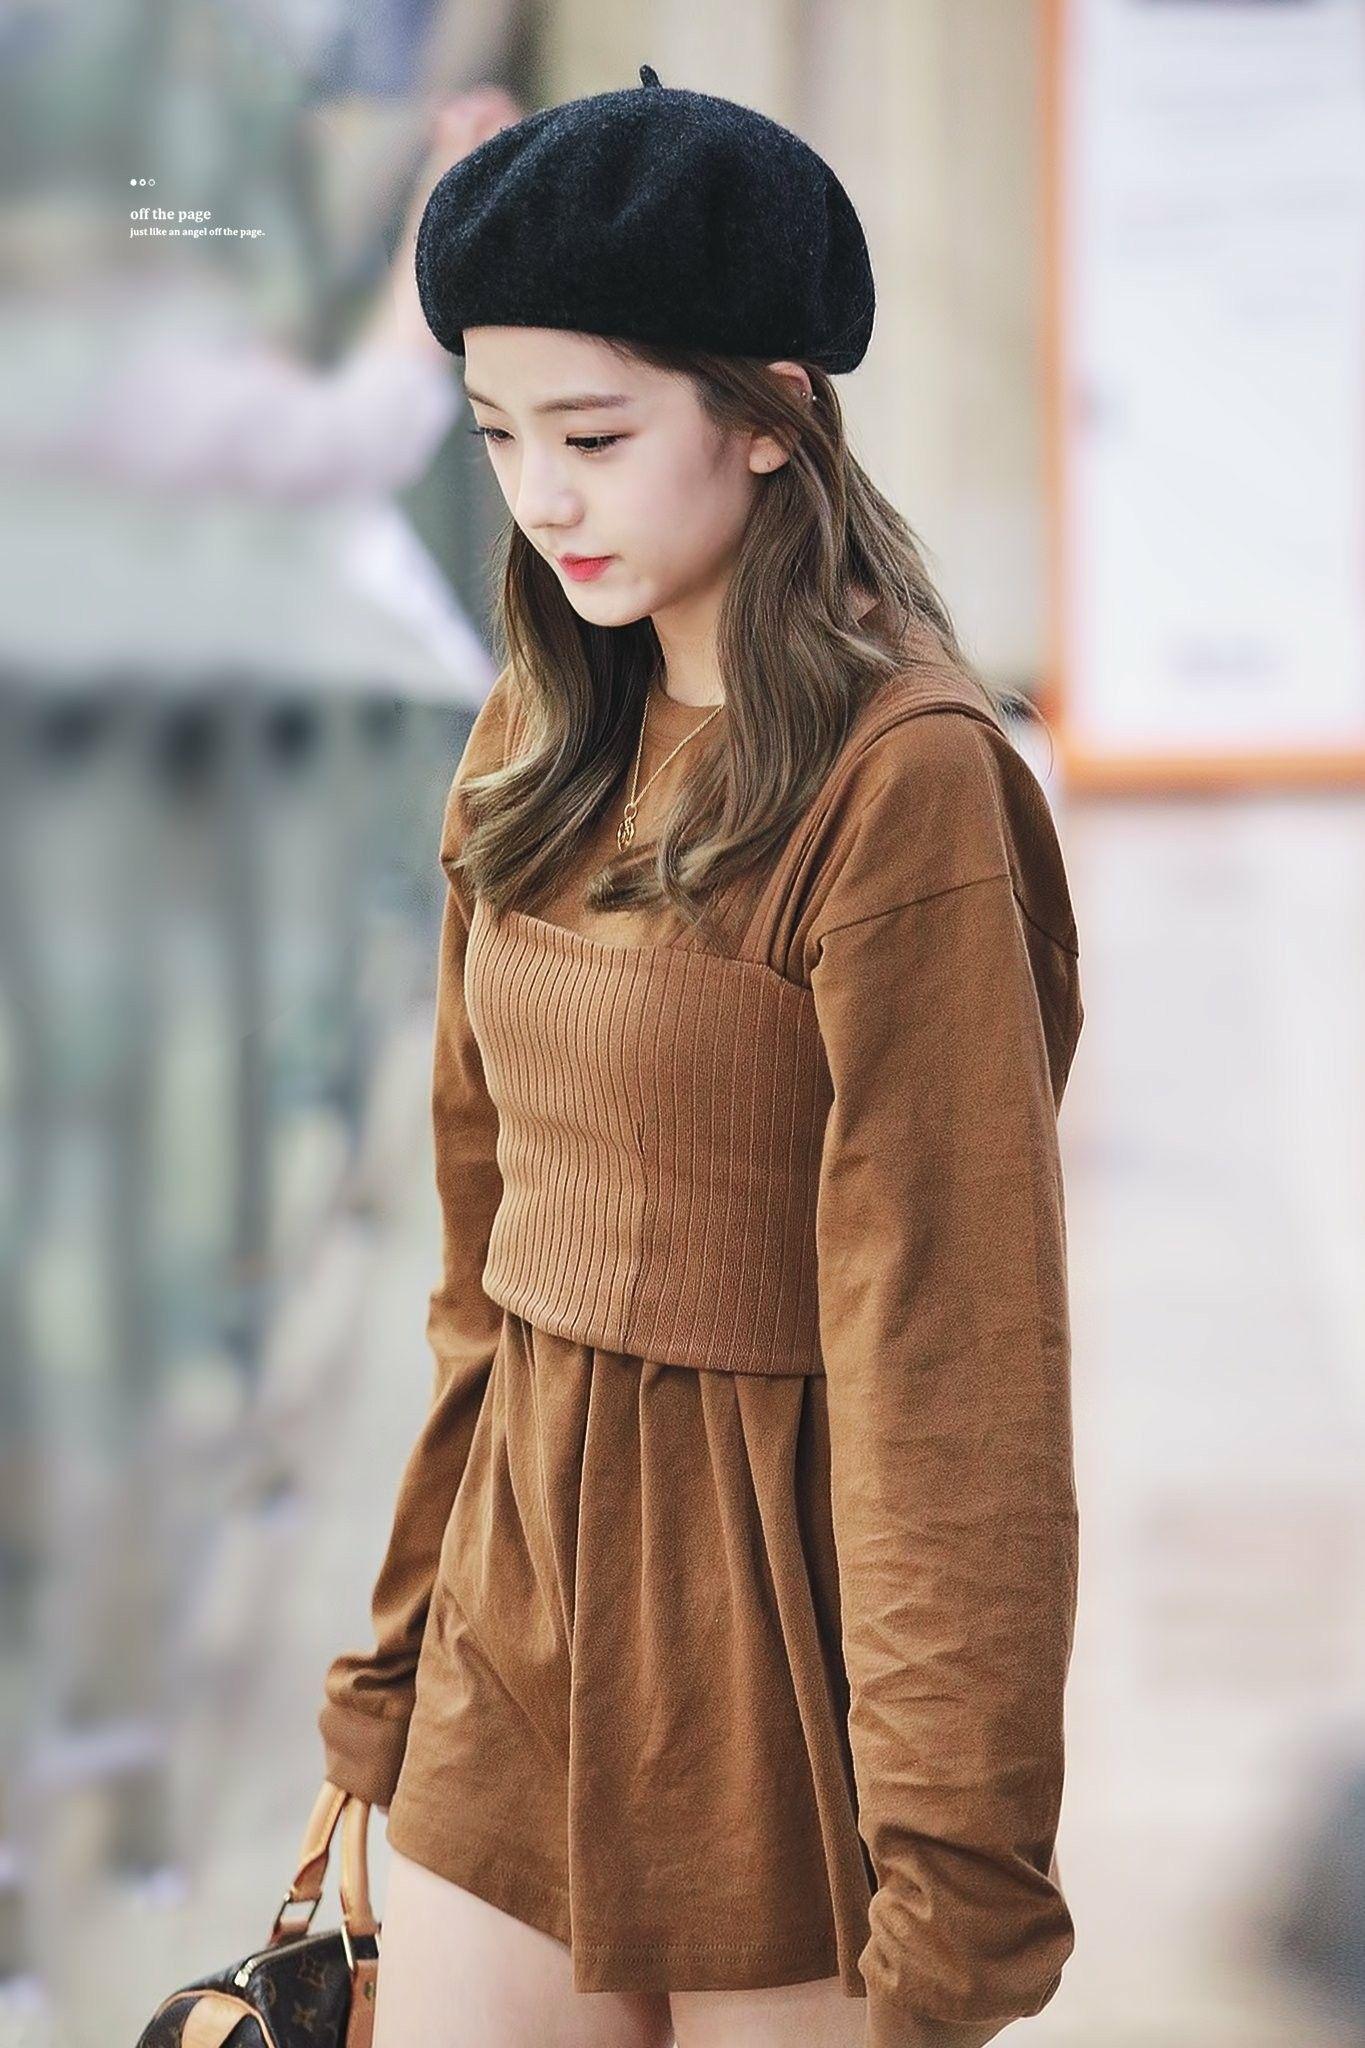 blackpinkrainbow_brown_jisoo